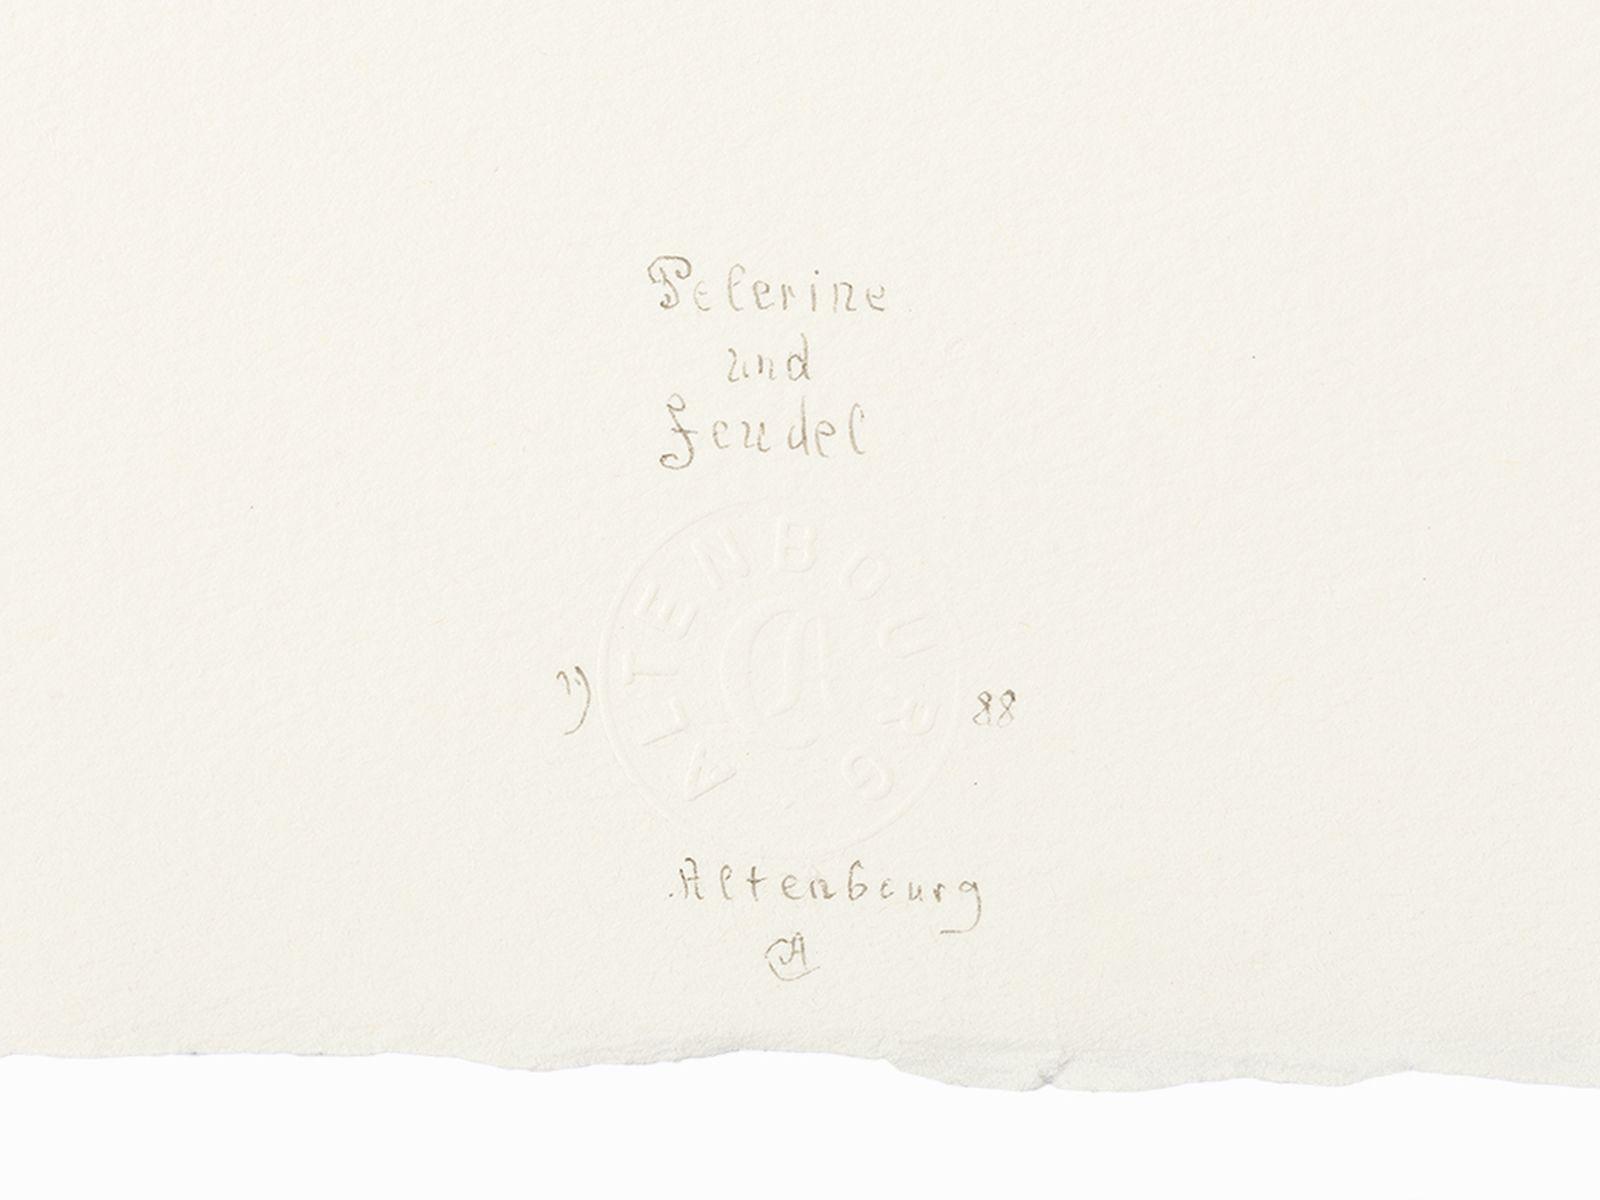 Gerhard Altenbourg, Pelerine und Feudel, Drypoint Etching, 1988 - Image 3 of 6